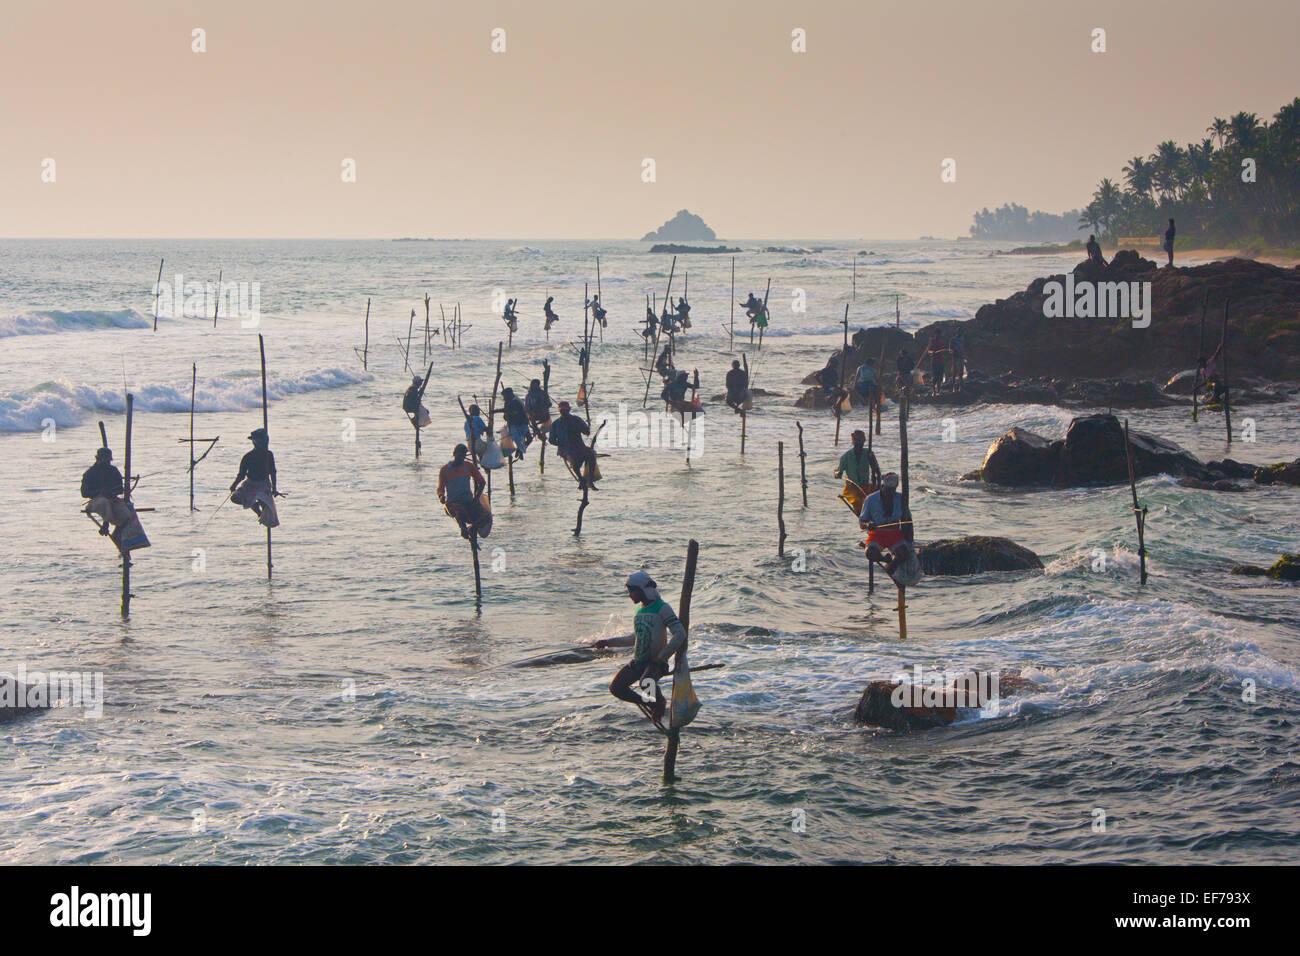 STILT FISHERMEN AT DUSK - Stock Image